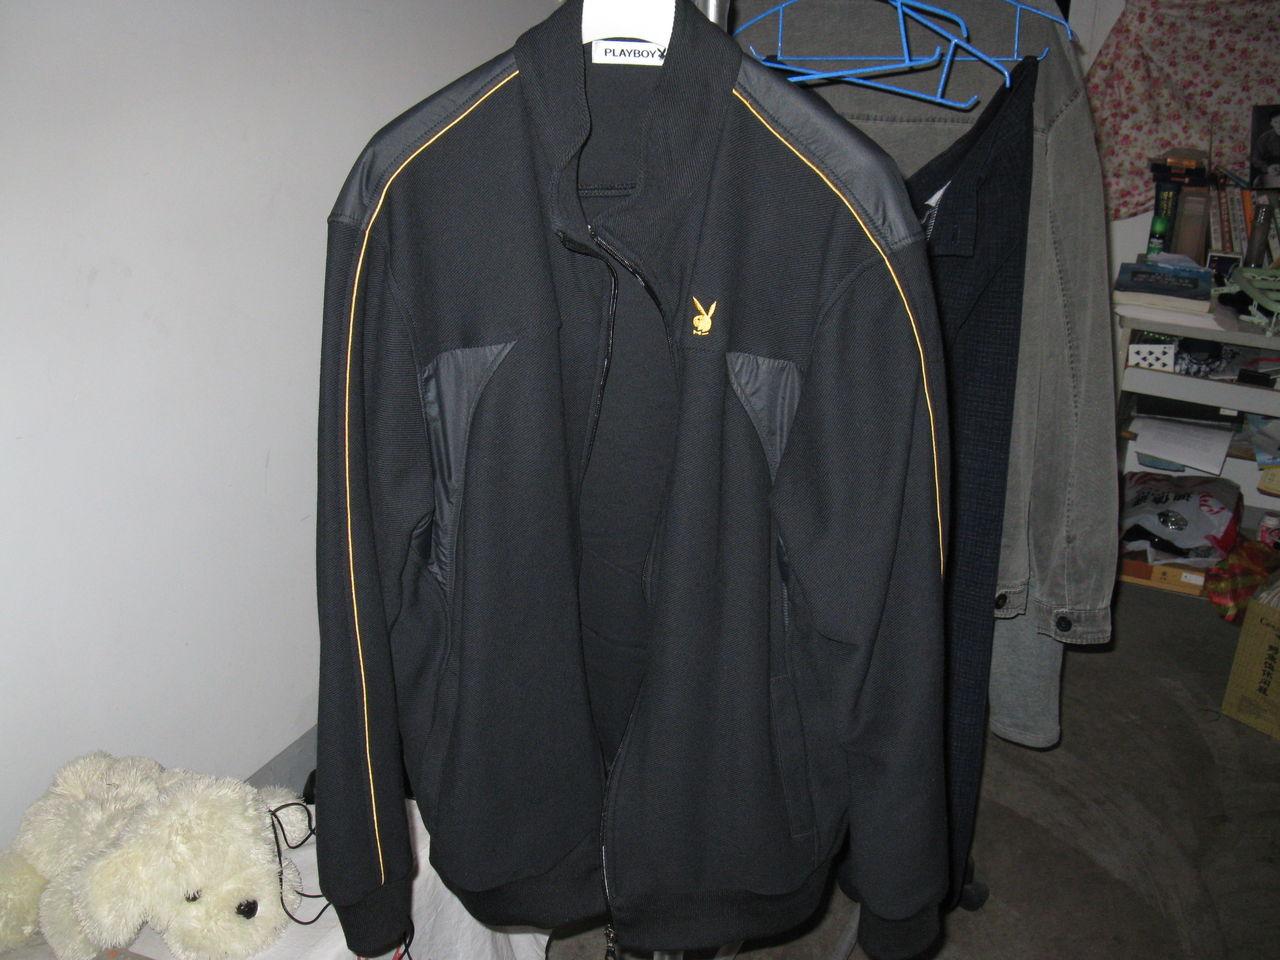 装配牛仔裤_黑色运动型立领夹克装配什么样的裤子好看?